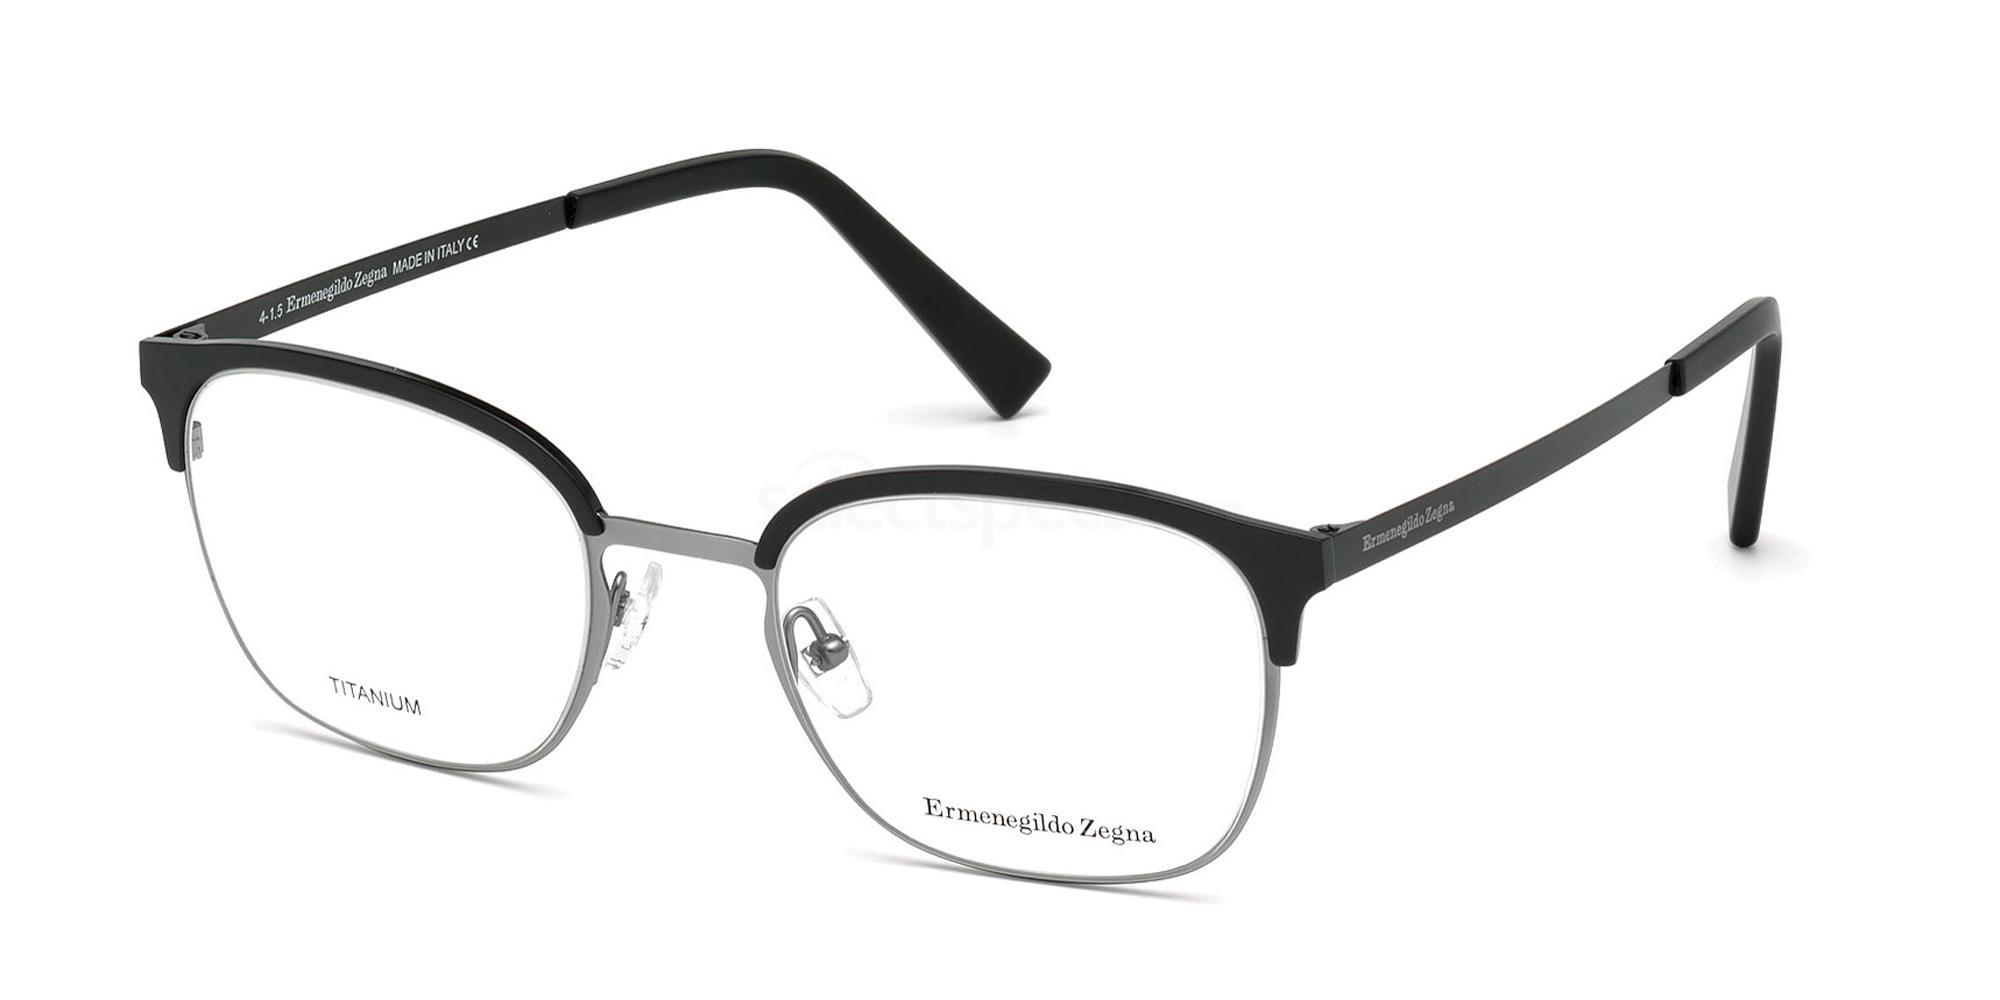 002 EZ5038 Glasses, Ermenegildo Zegna